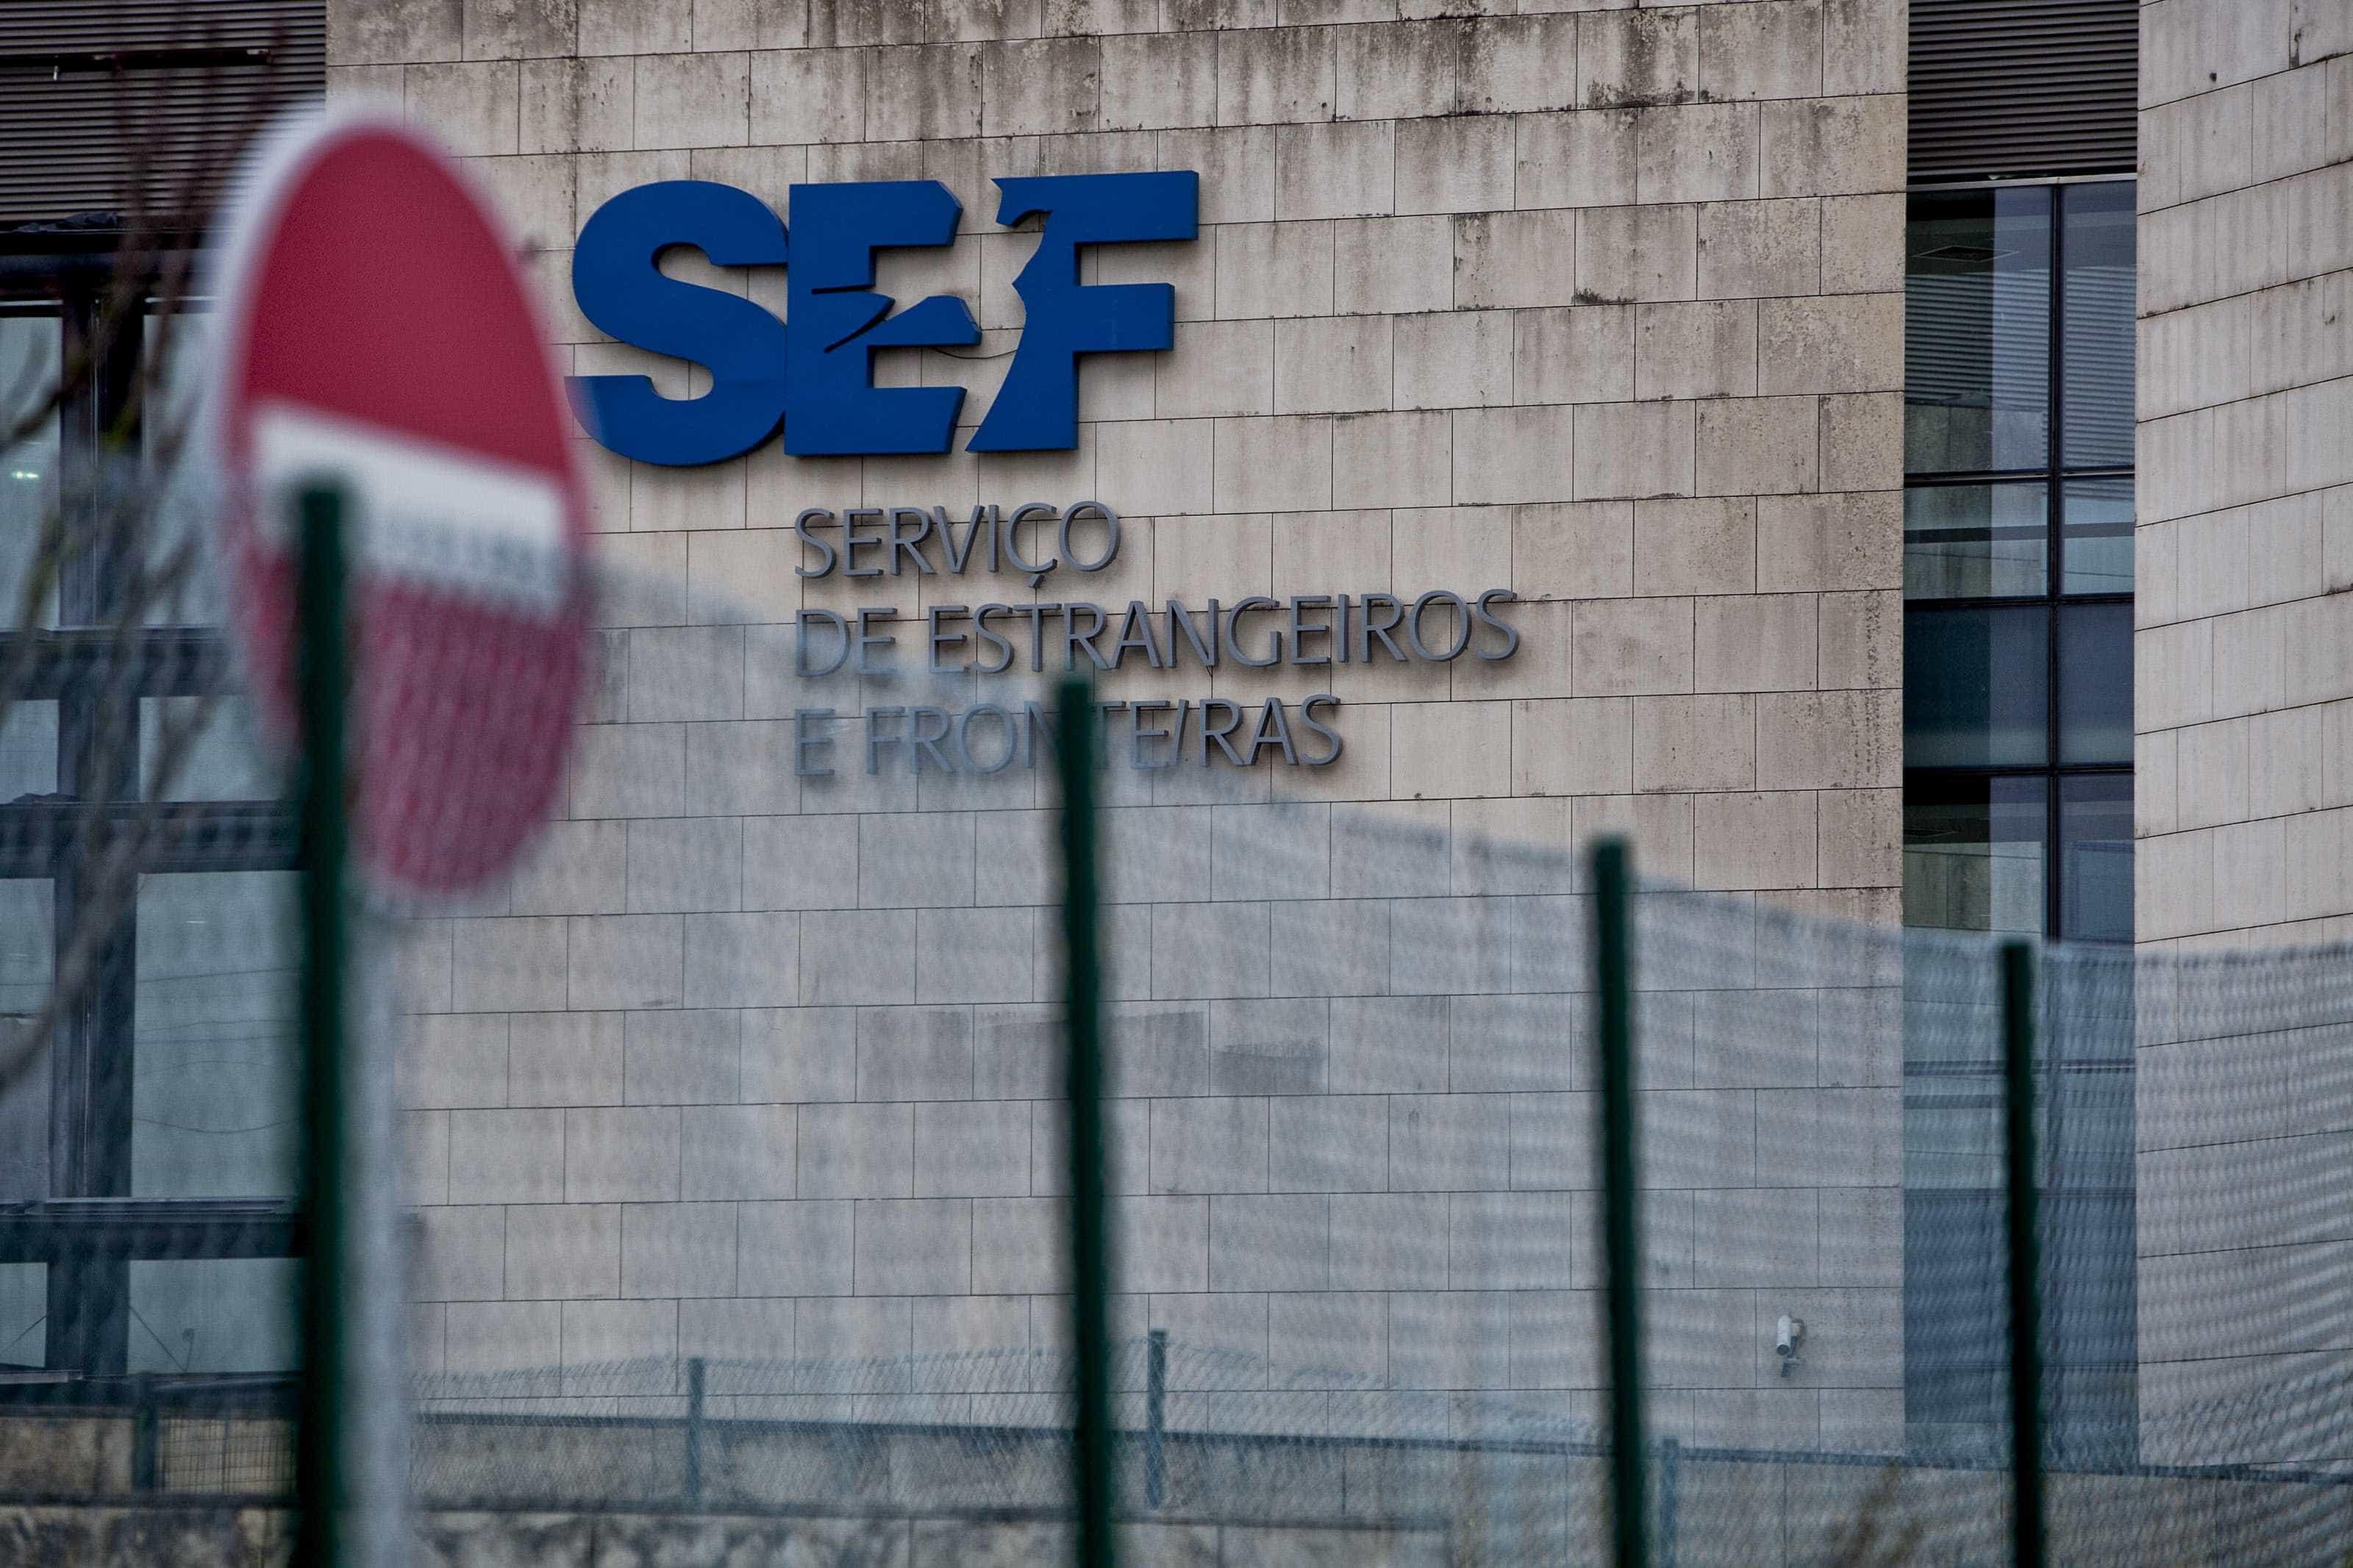 Inspetores do SEF anunciados em 2017 só entrarão em funções em 2021